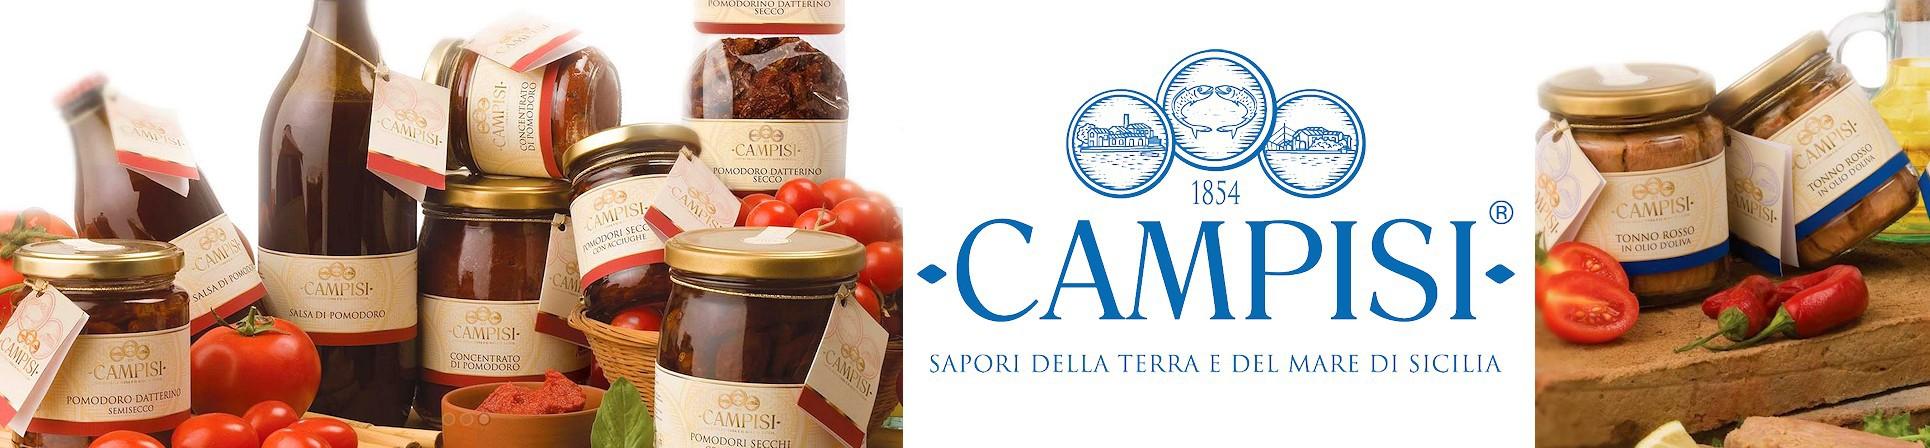 Salsa di pomodoro, pachino, pomodori secchi - Campisi vendita online